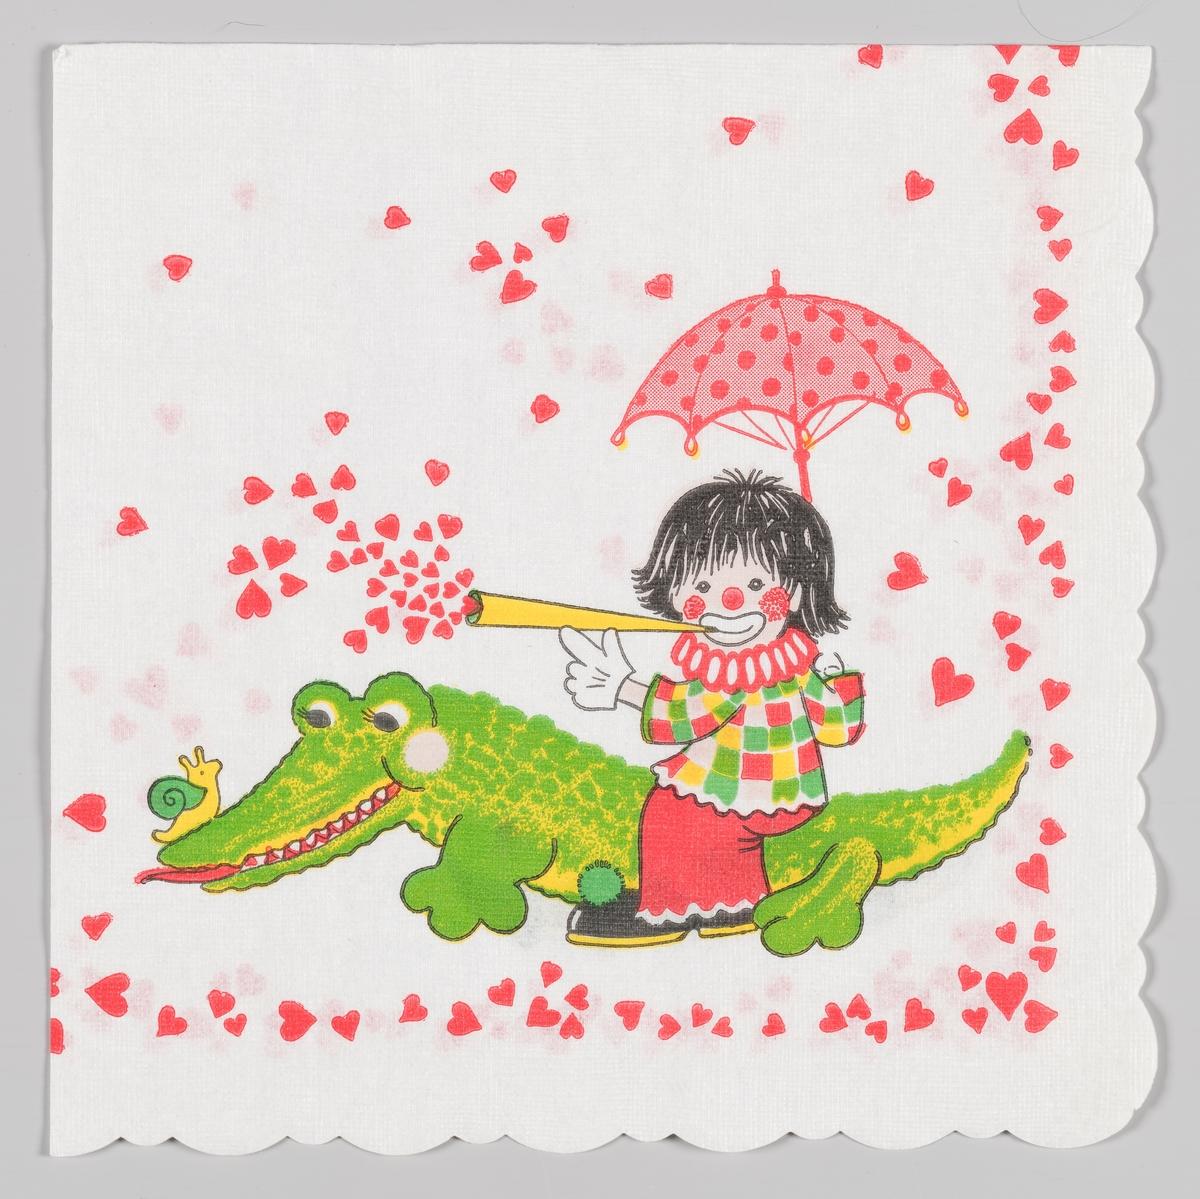 En klovn som sitter med paraply og blåser hjerter ut av et tutehorn. Klovnen sitter på en krokodille som har en snegle på snuten. Langs kanten er det masse hjerter.